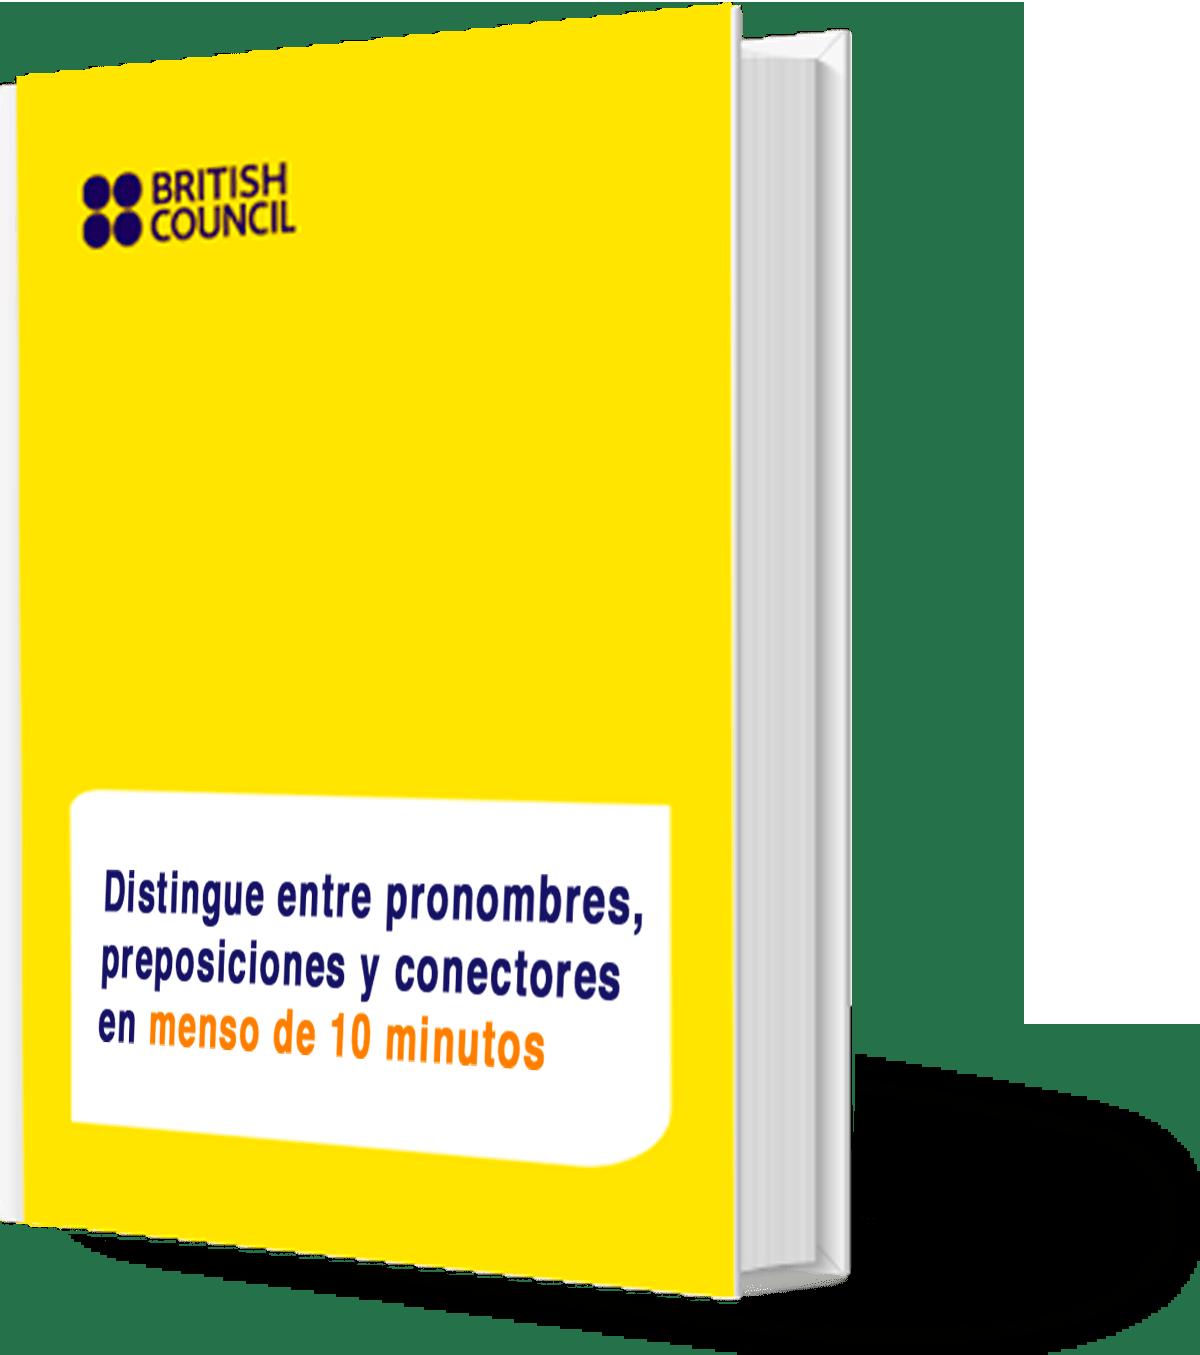 PDF-Cómo-elegir-el-curso-de-inglés-ideal